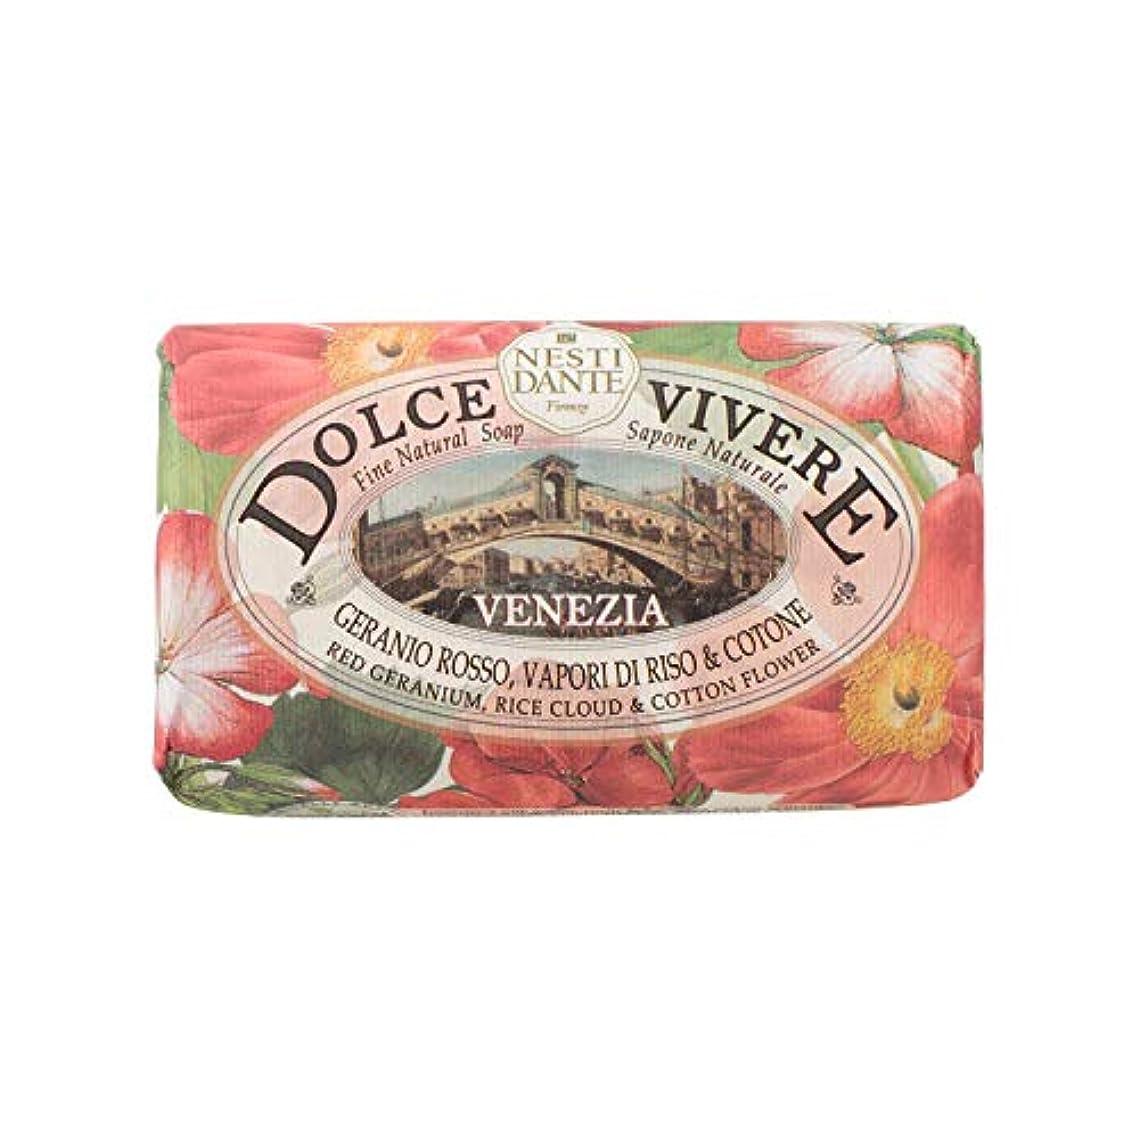 Nesti Dante ネスティダンテ ドルチェヴィーベレソープ ヴェネツィア 250g